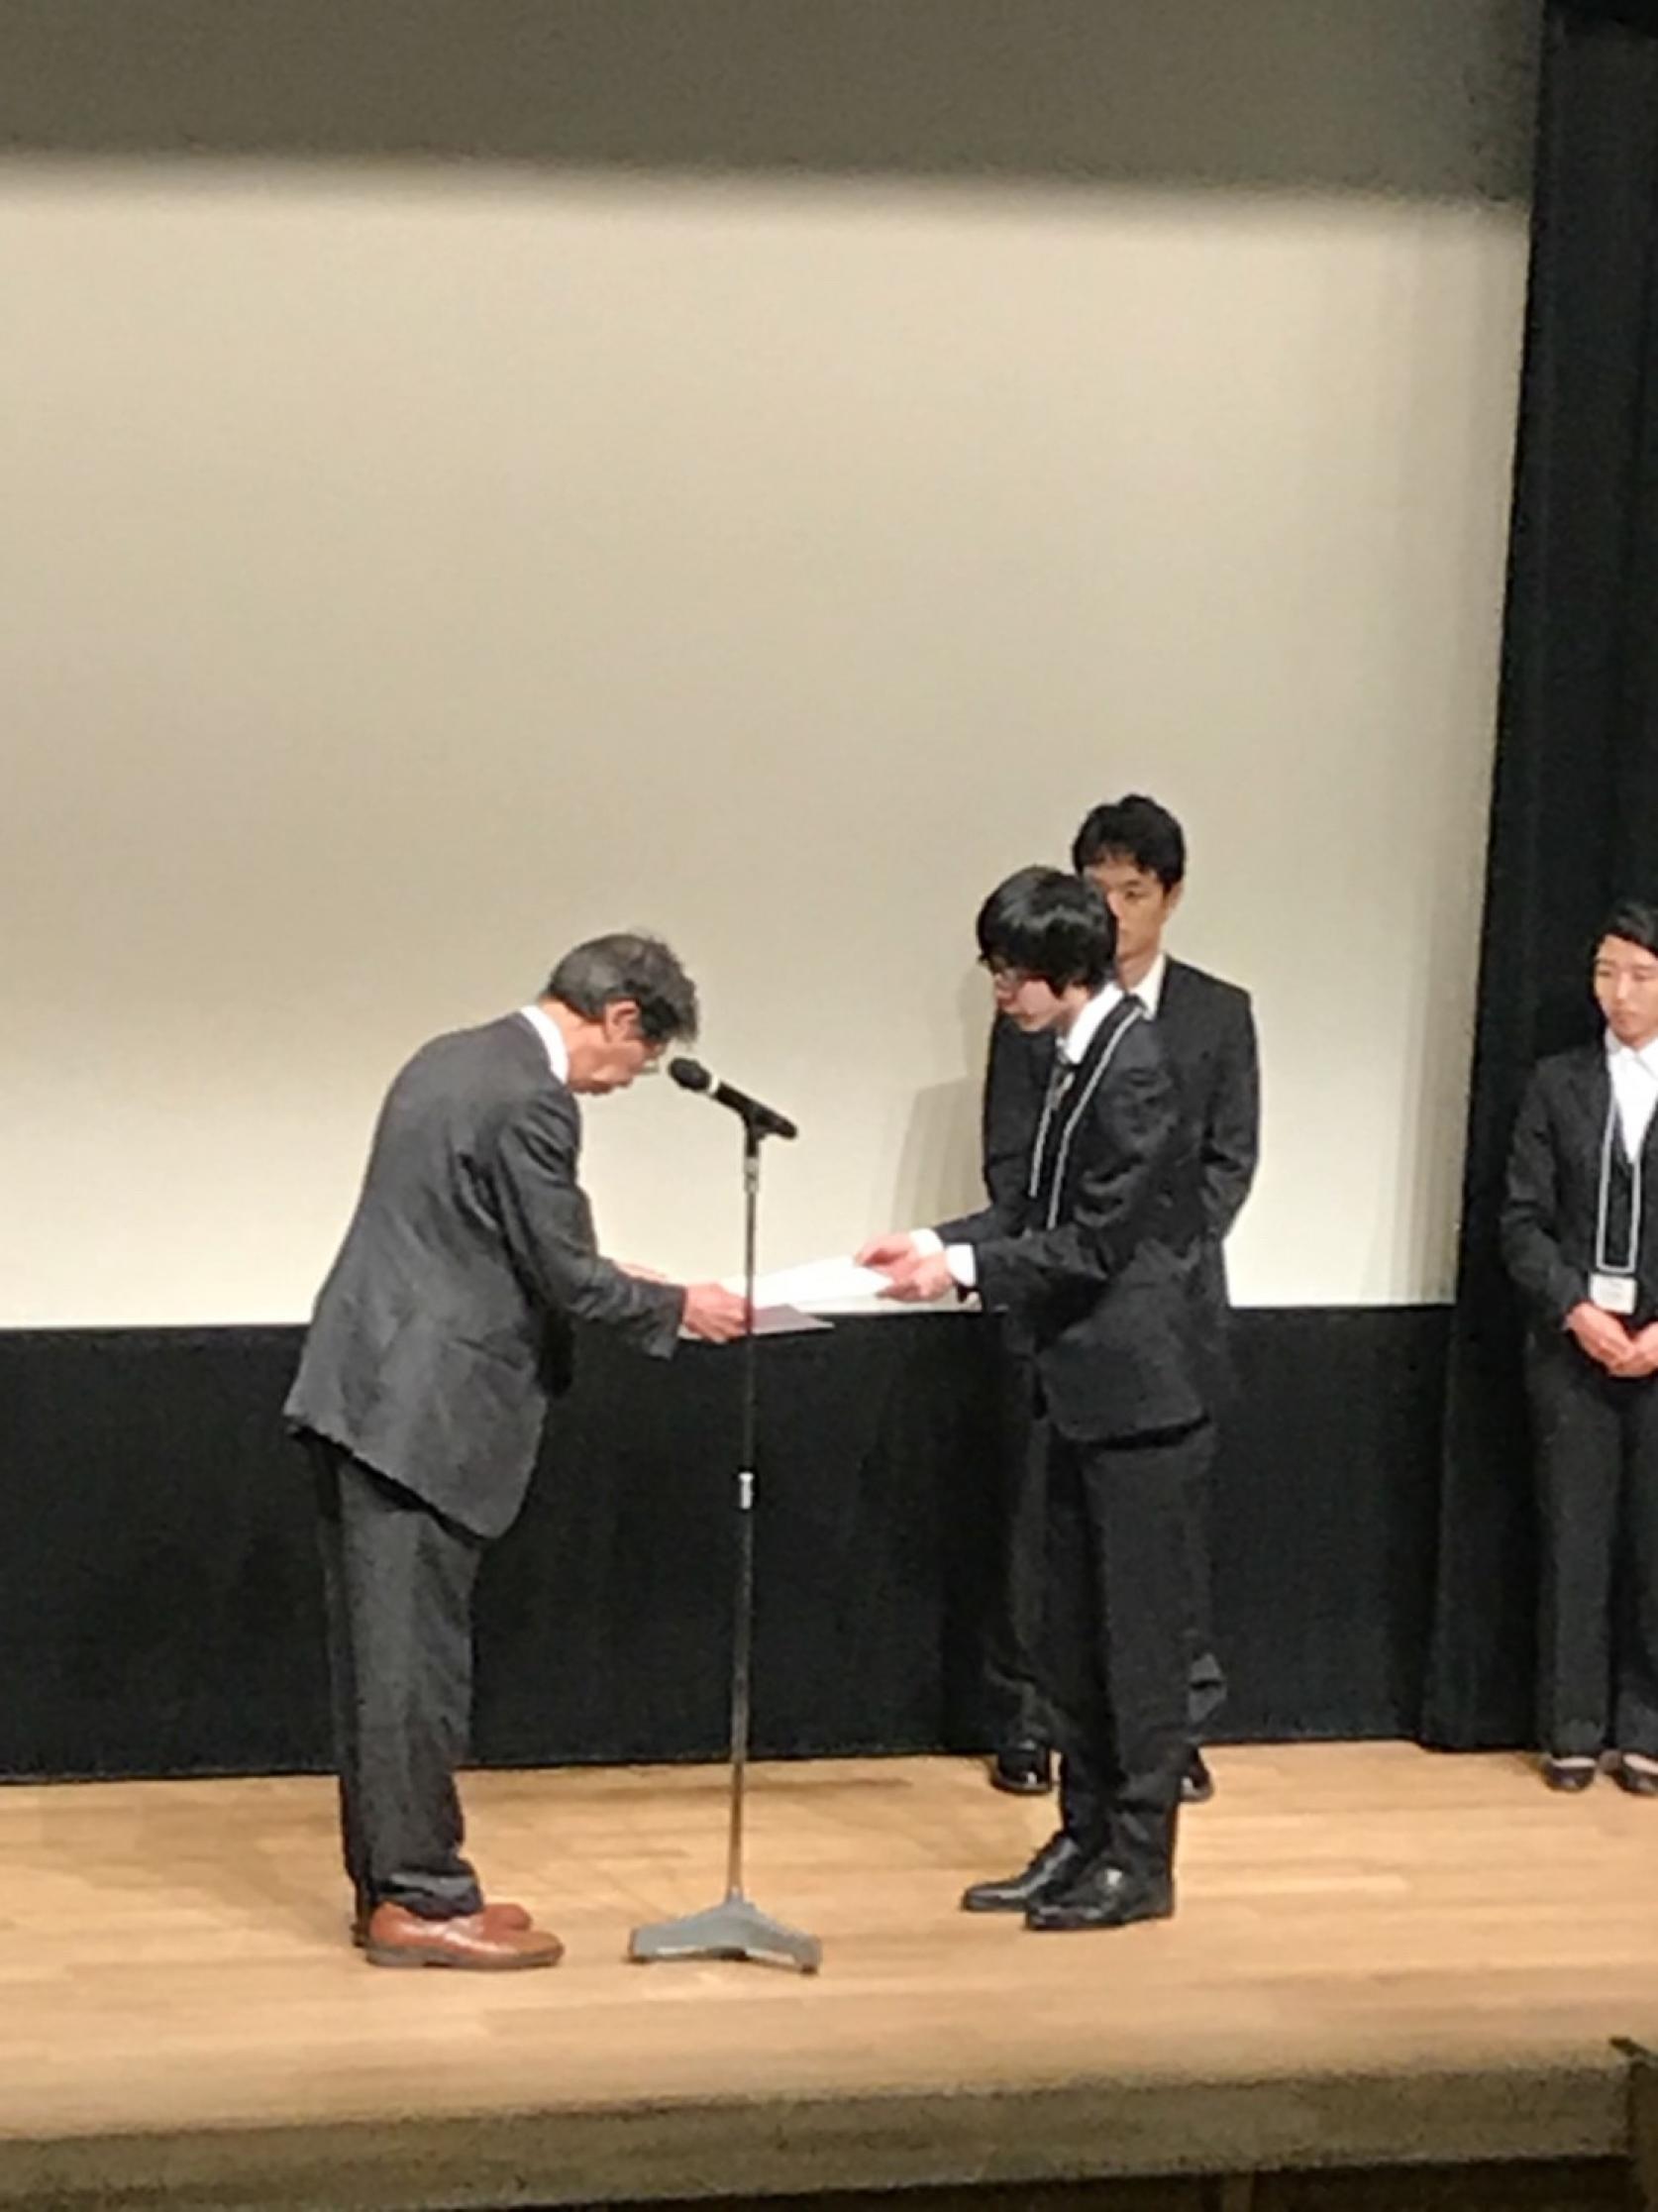 物質応用化学専攻1年の向後光亨さんが「無機マテリアル学会第135回学術講演会」において、奨励賞を受賞しました。